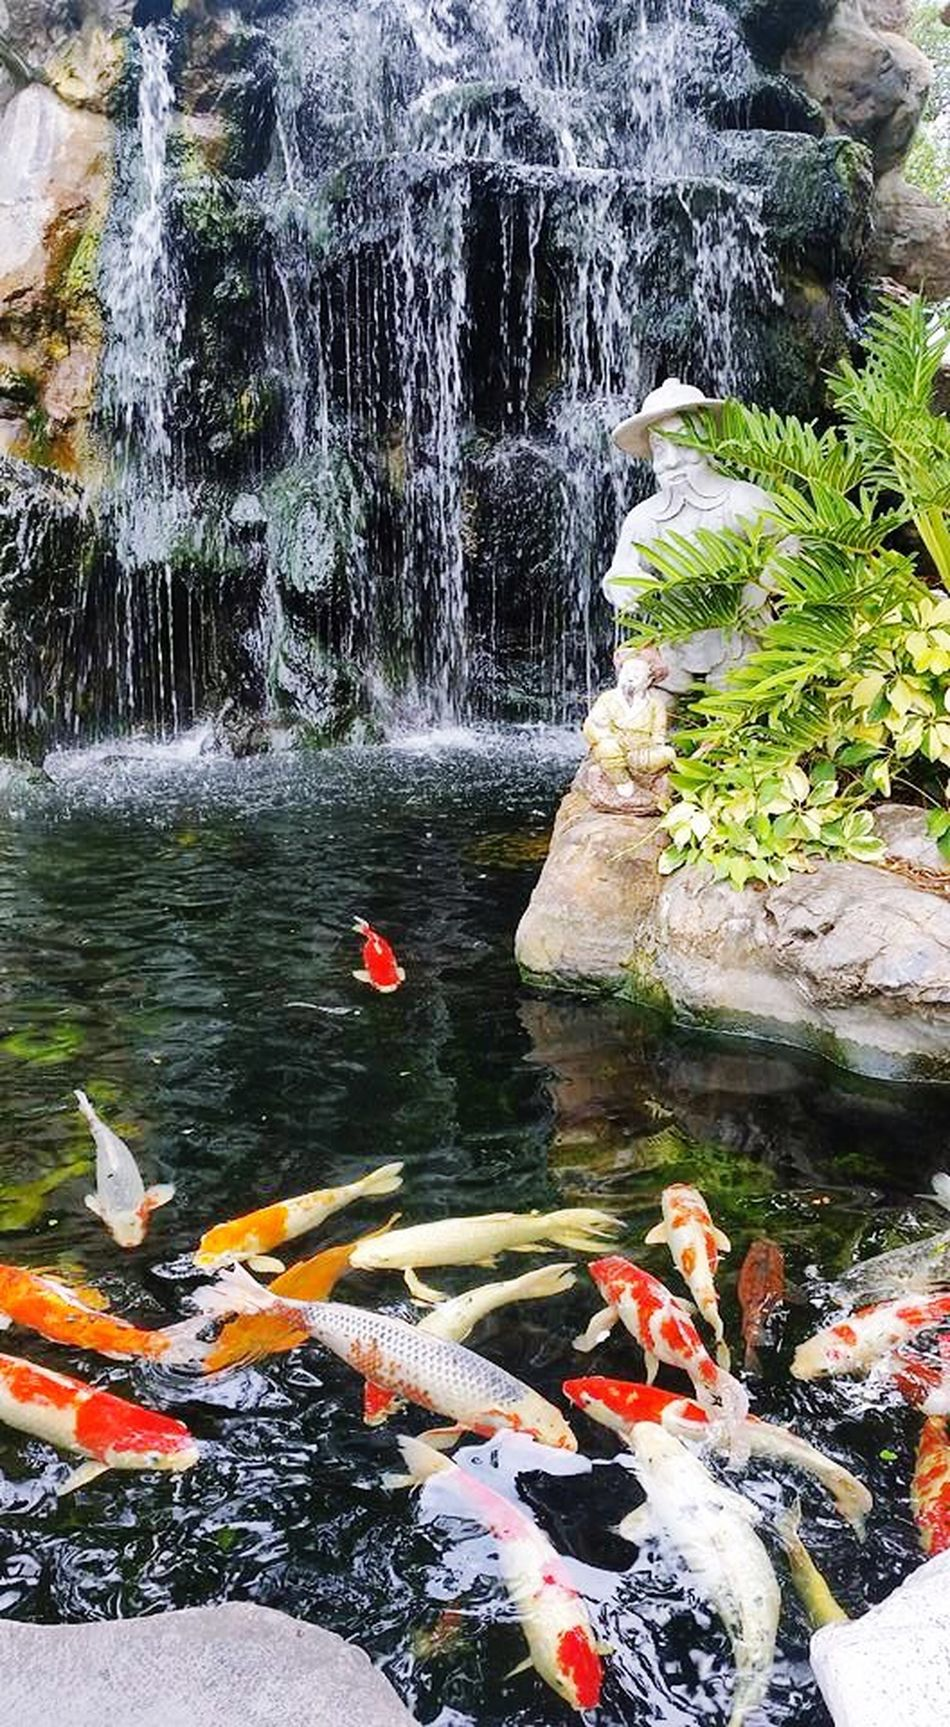 EyeEmNewHere Fish Pond วัดโพธิ์